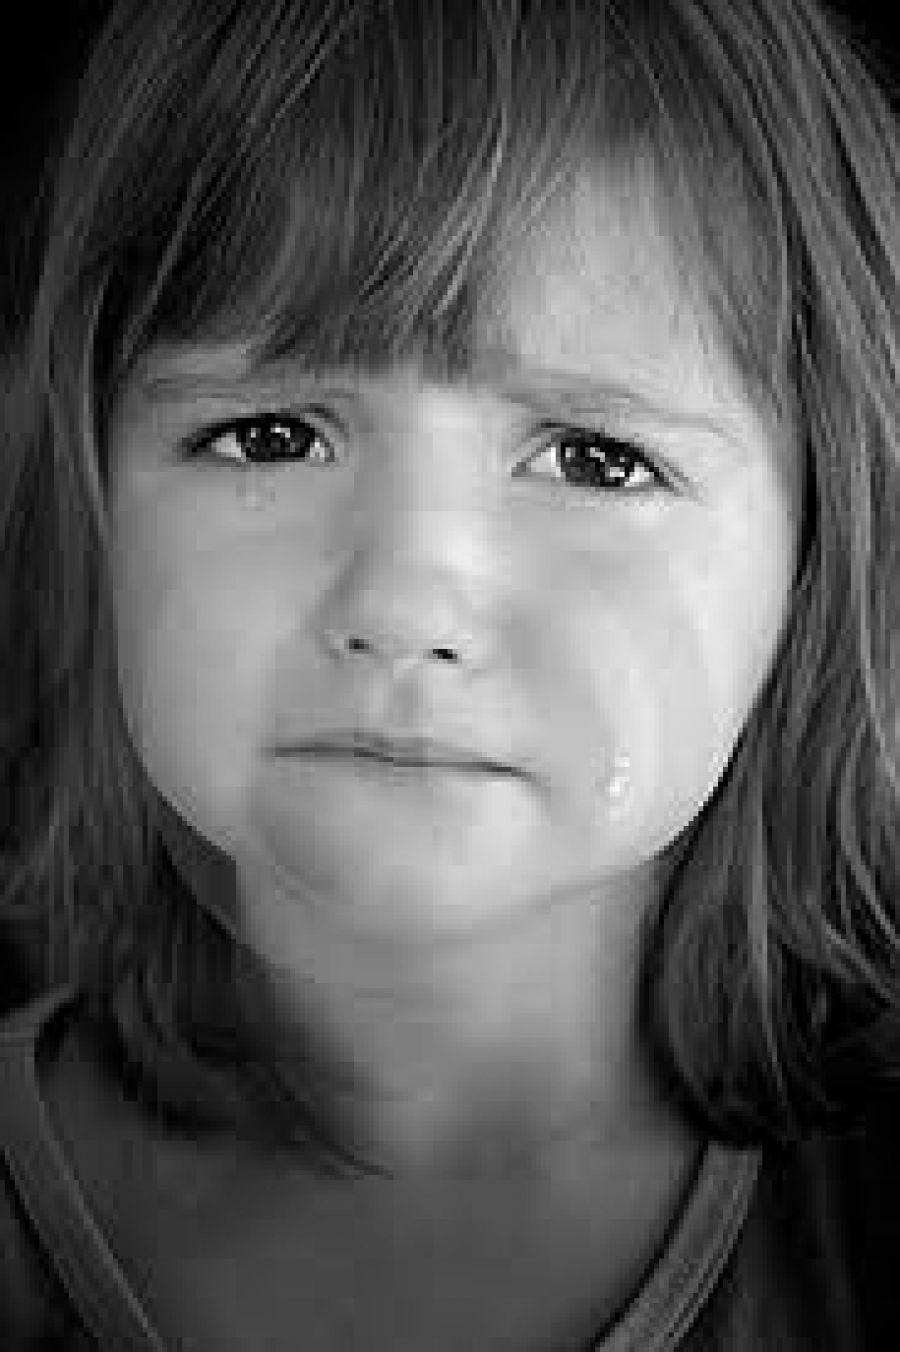 بالصور صور اطفال حزينه , مشاهد بكاء لاطفال حزينة 115 2